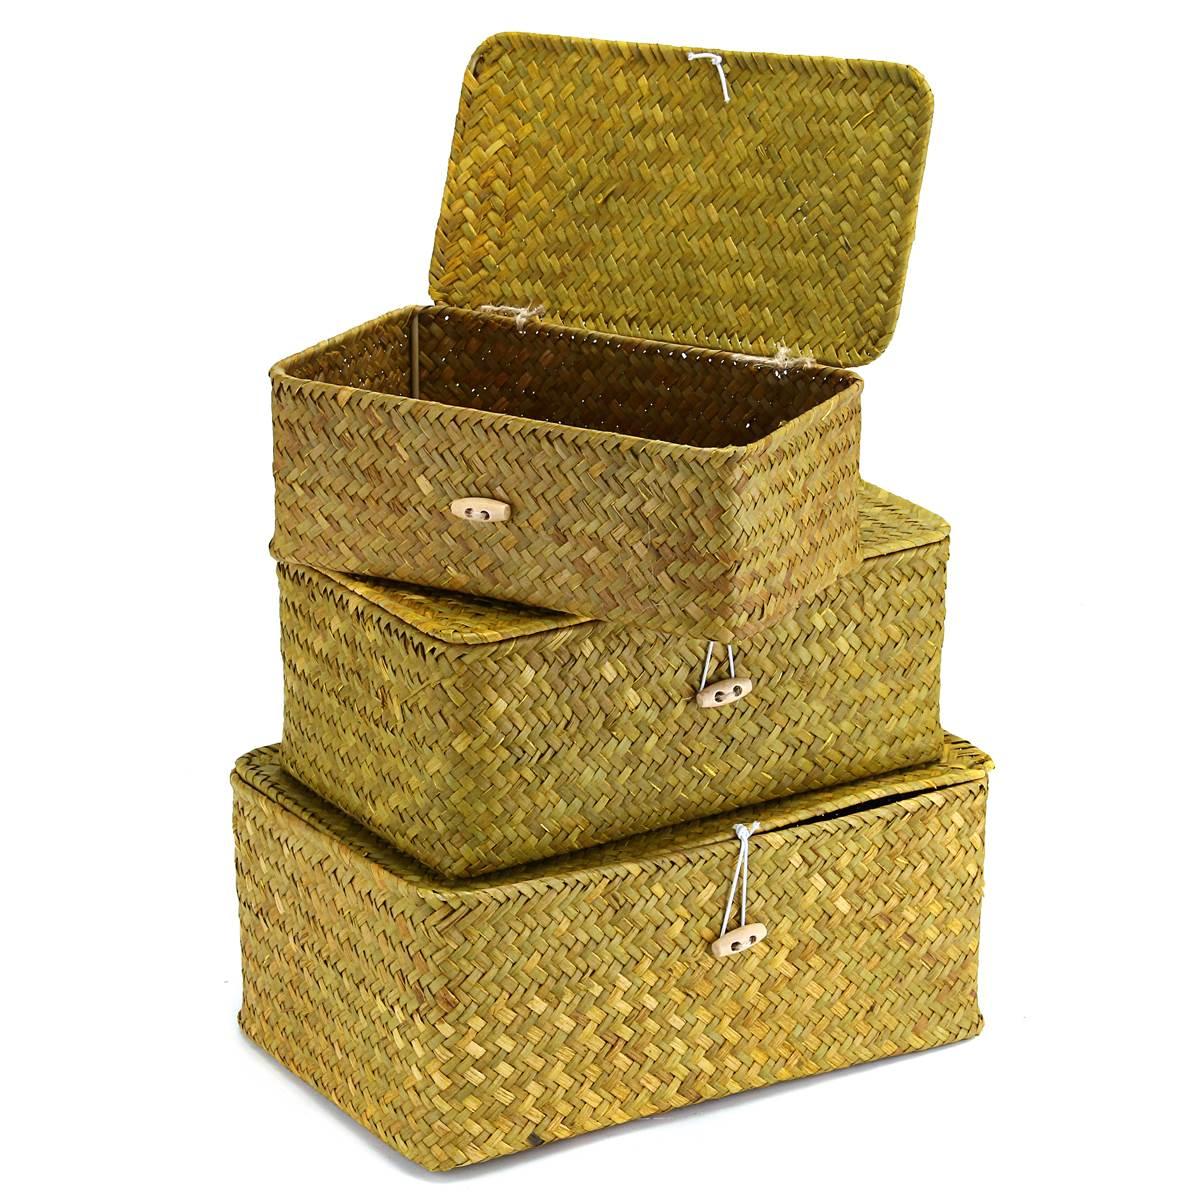 Vintage Wicker Basket Cosmetic Makeup Jewelry Storage Box Storage ...